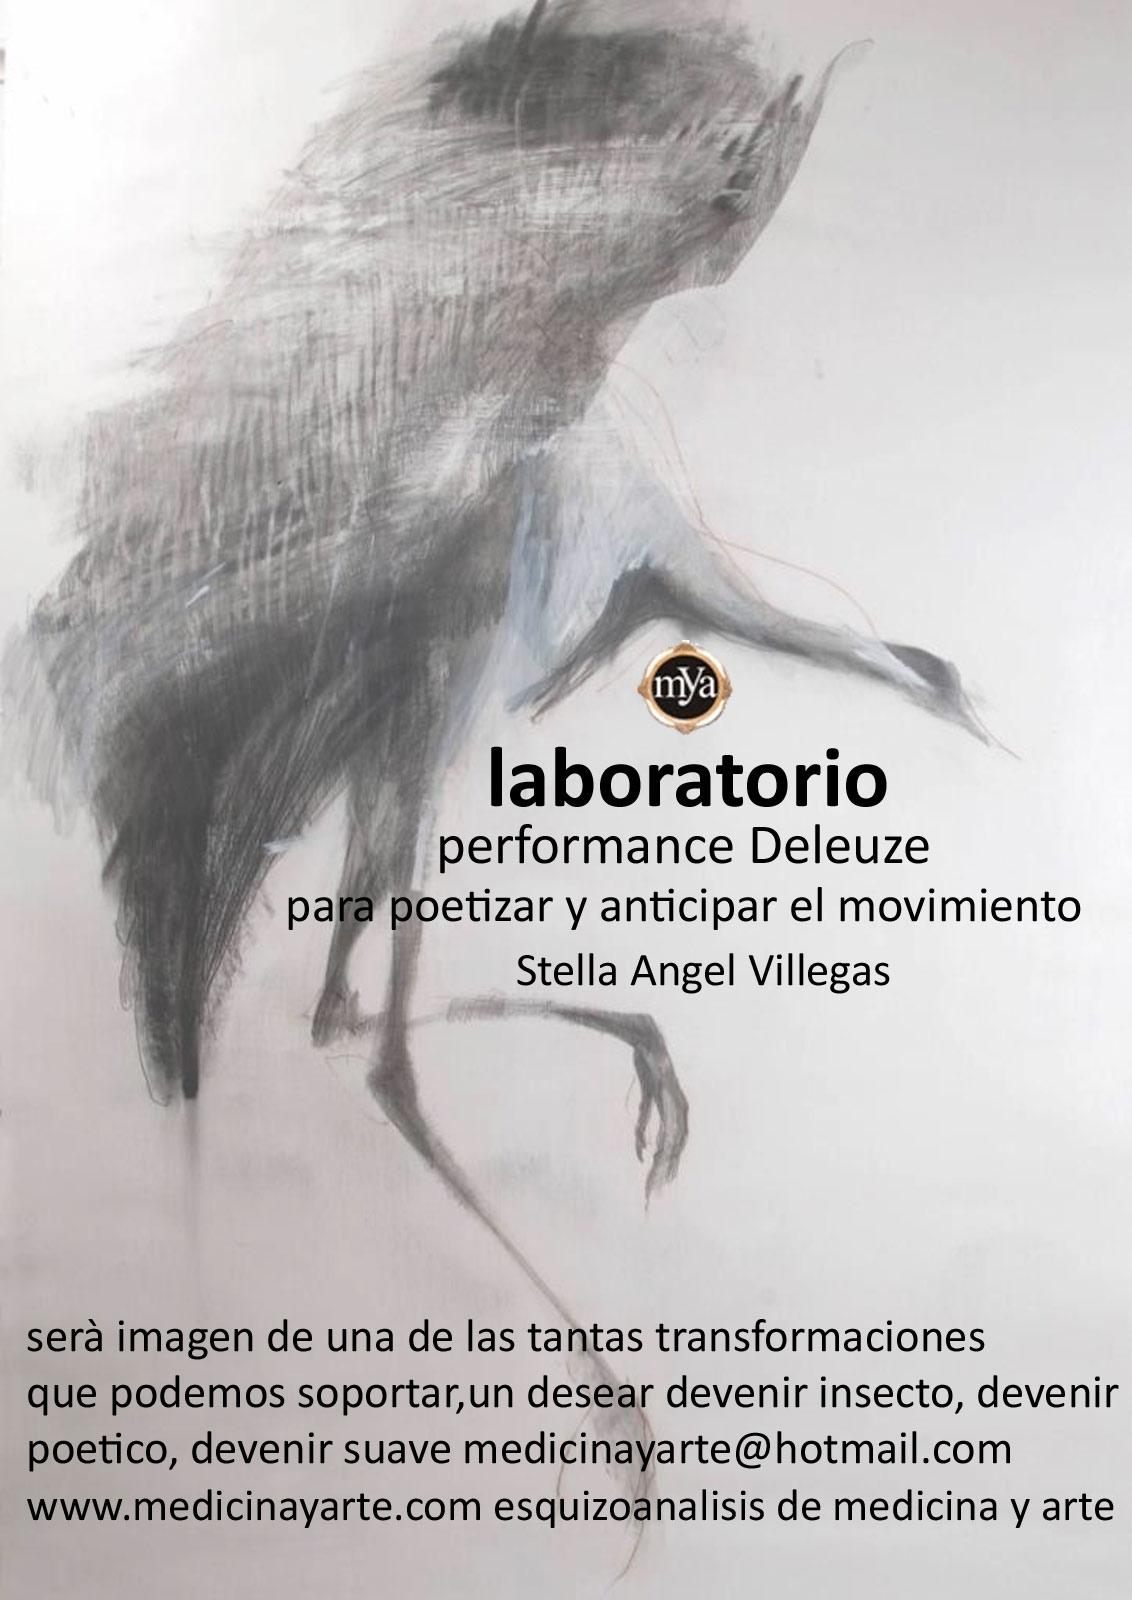 http://medicinayarte.com/img/devenir_deleuze2.jpg